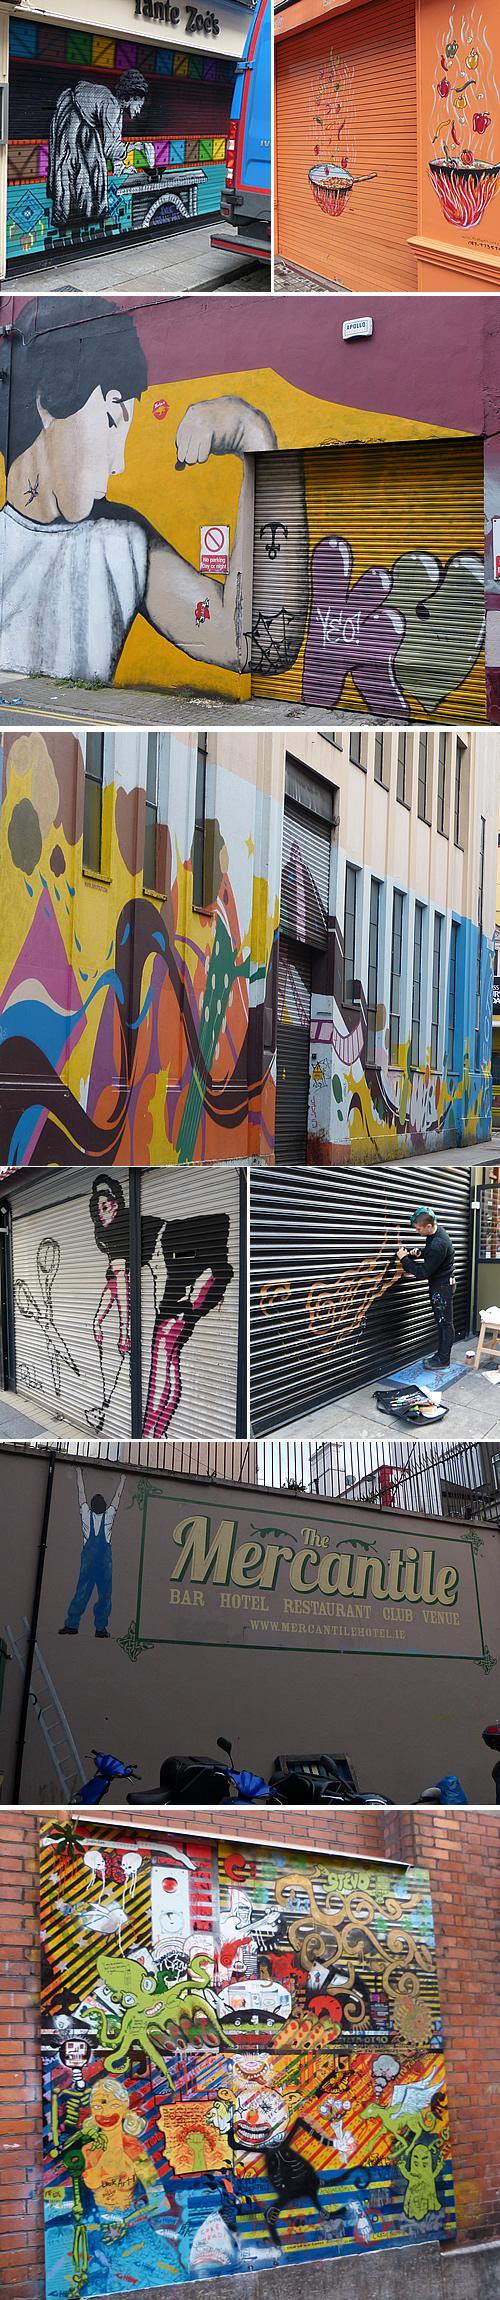 dublin-streetart-5.jpg